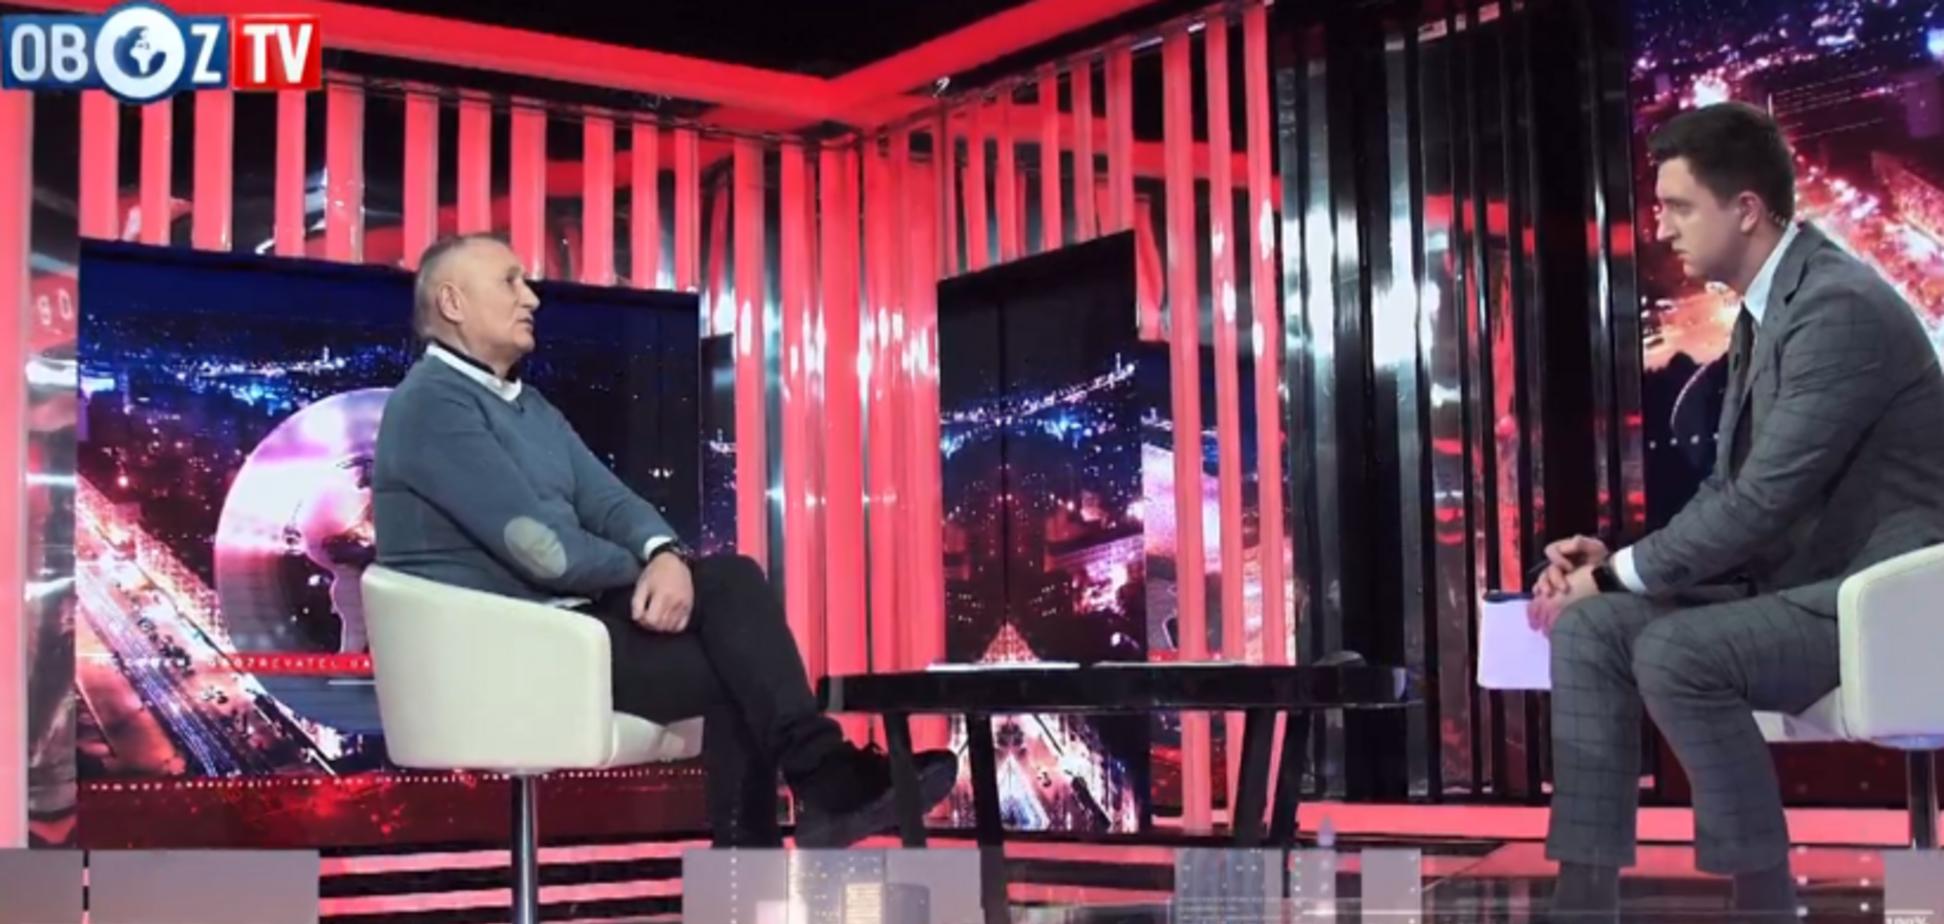 Зеленський для Путіна став сюрпризом: Гавриш дав прогноз по наступним крокам Кремля в Україні